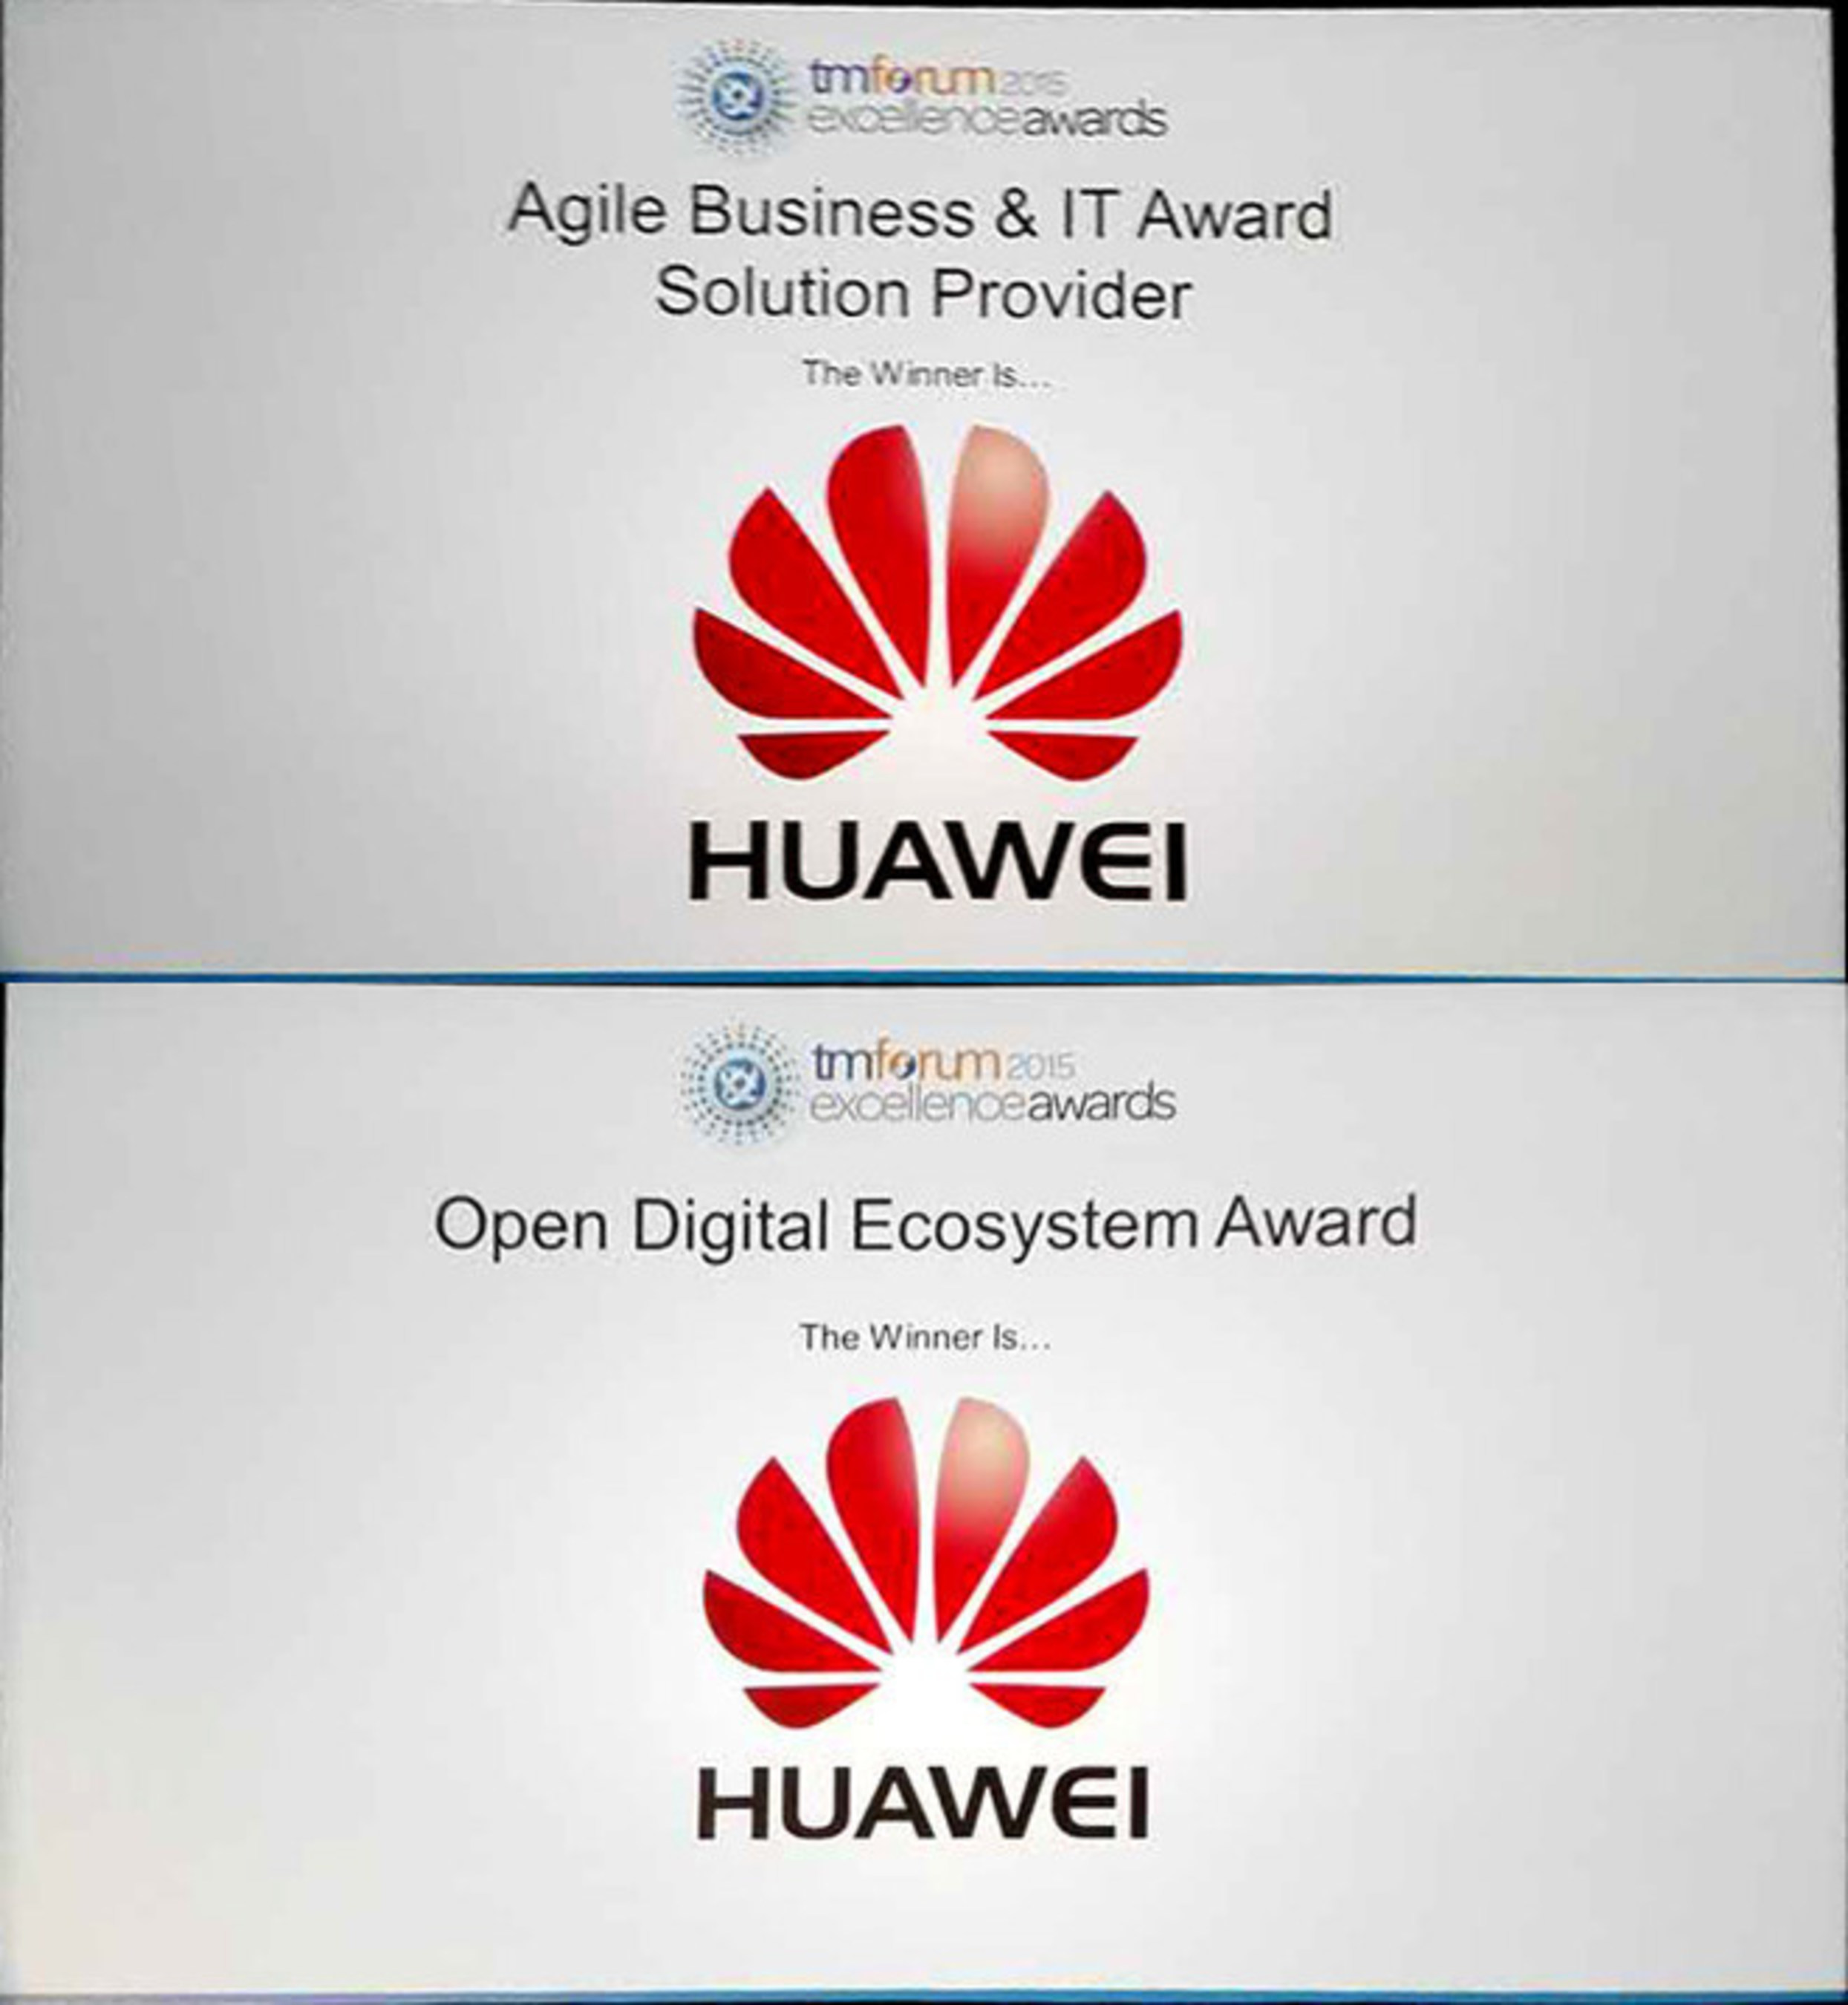 Huawei remporte les Prix d'excellence 2015 du TM Forum pour l'écosystème numérique ouvert et la